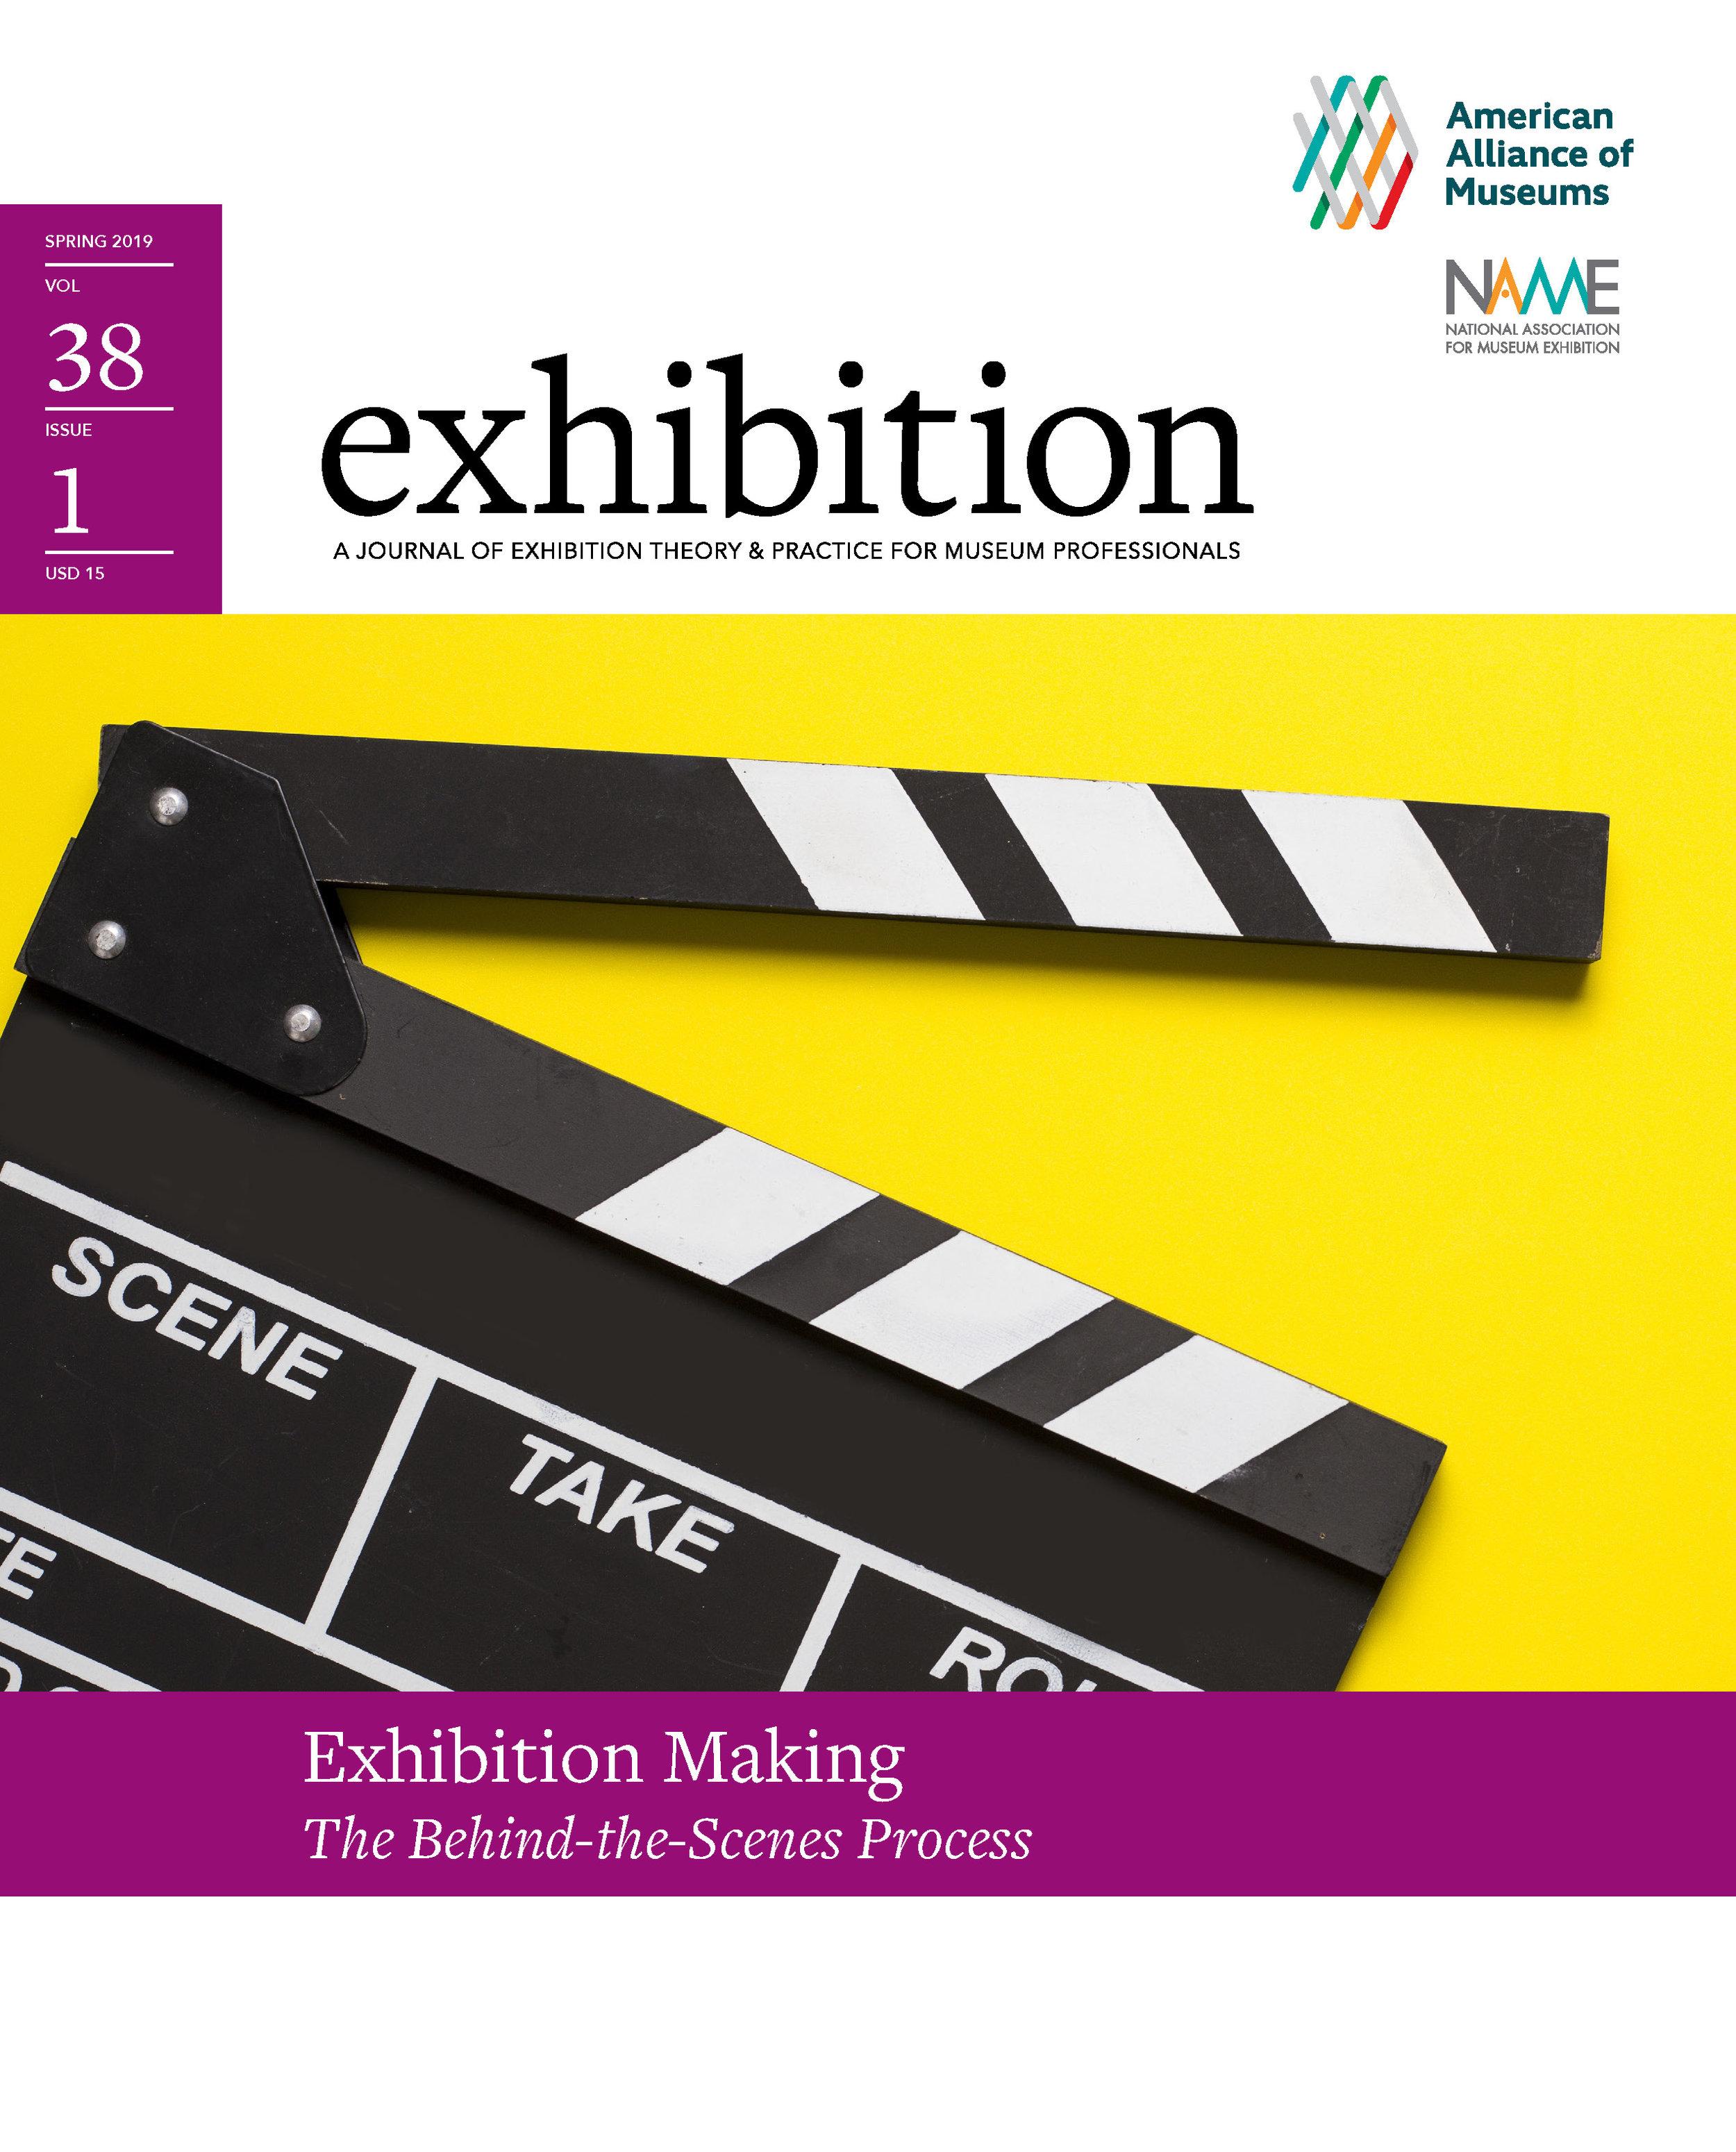 CROP_01_Exhibition_Cover.jpg